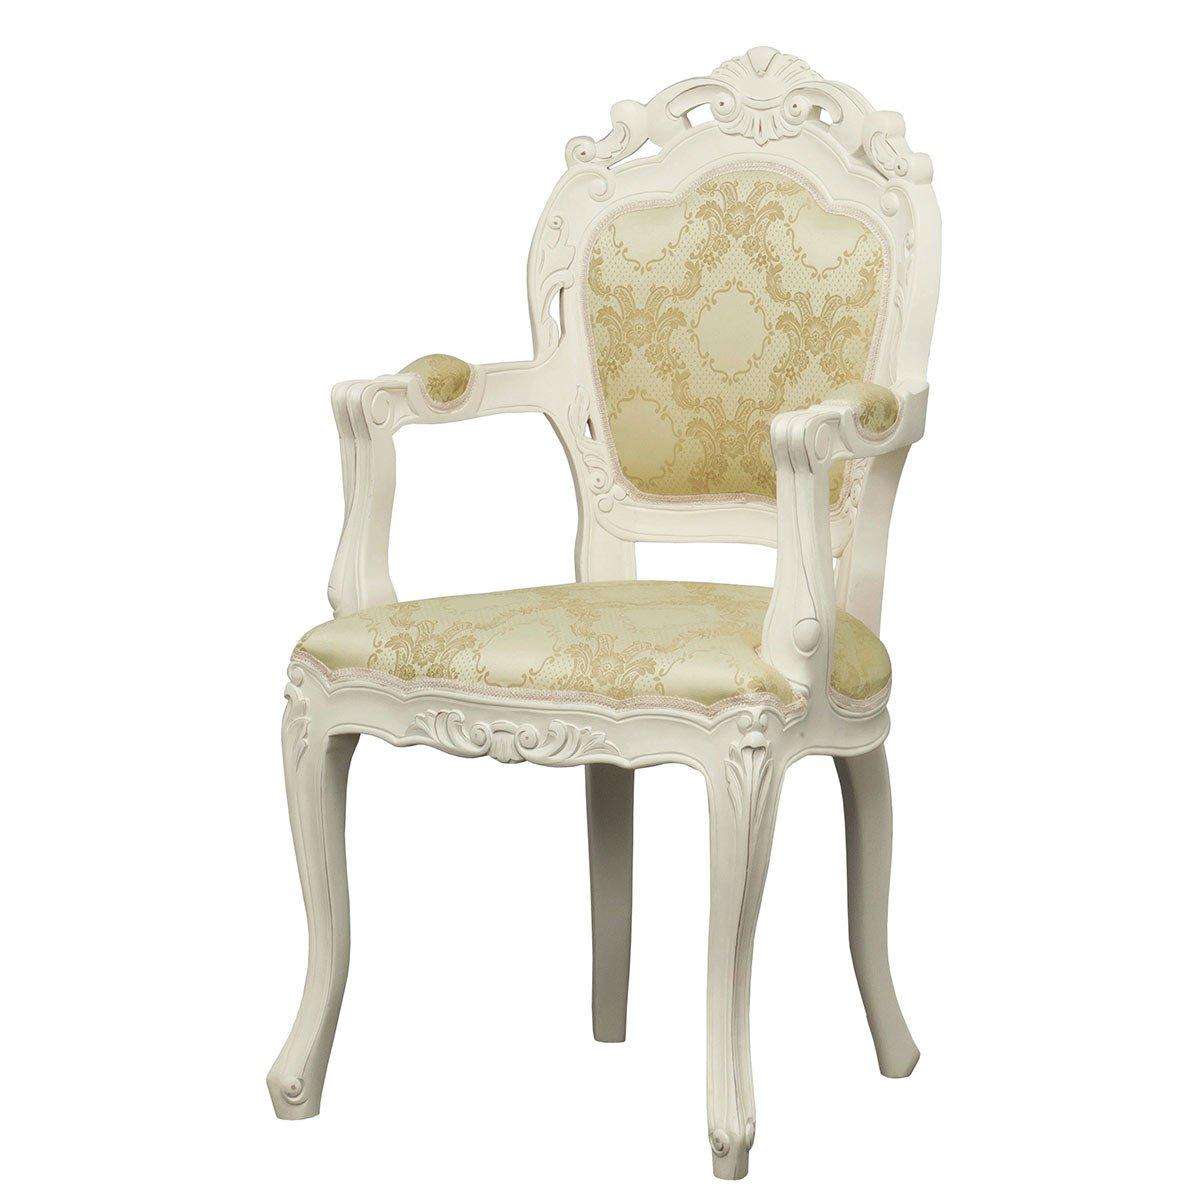 エリーゼ(ホワイト)アームチェア(白家具)イタリアン スタイル家具